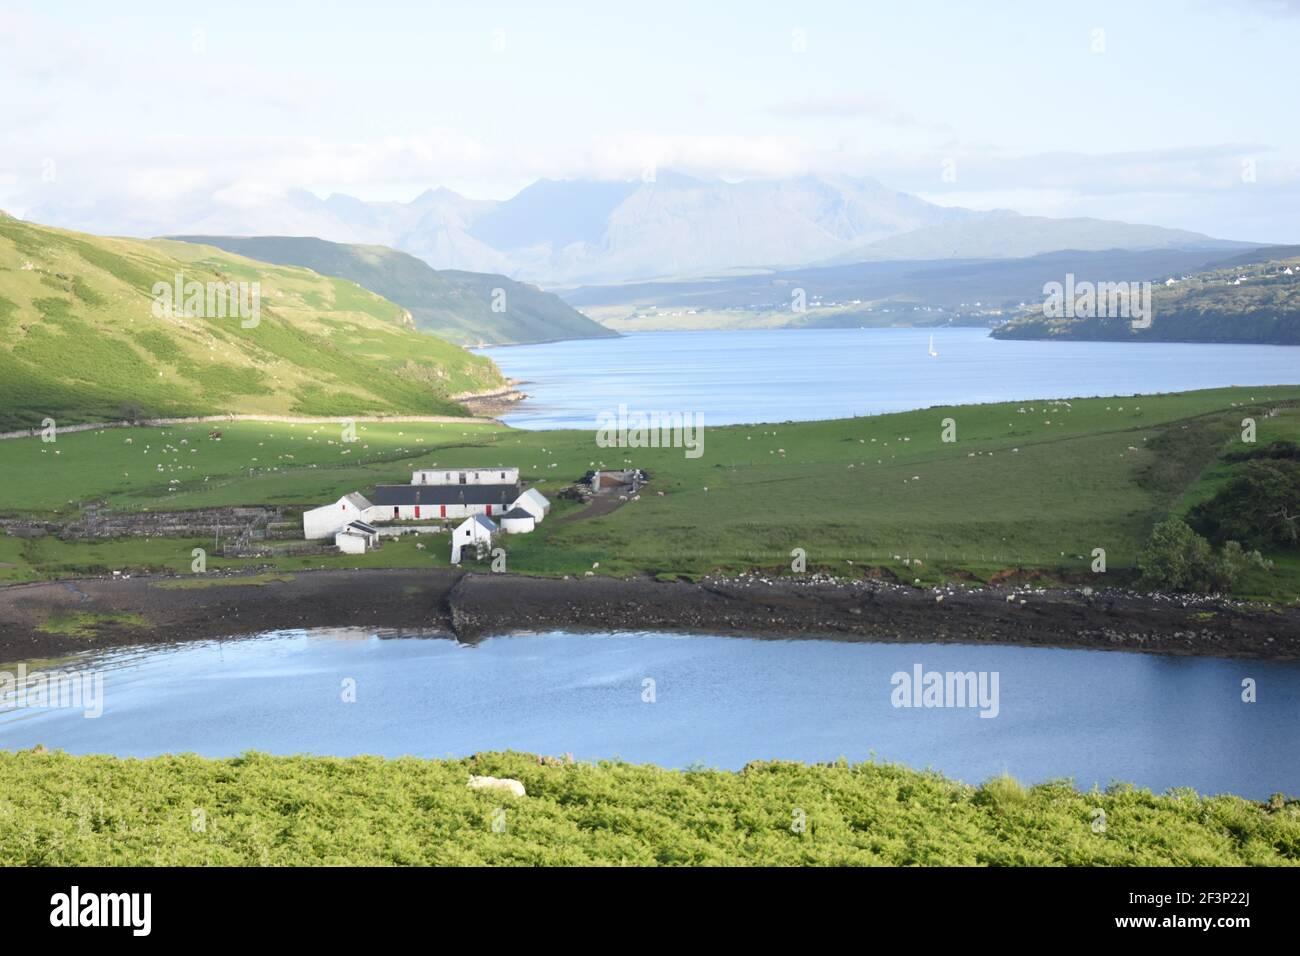 Granja de Gesto, Struan, Isla de Skye Foto de stock